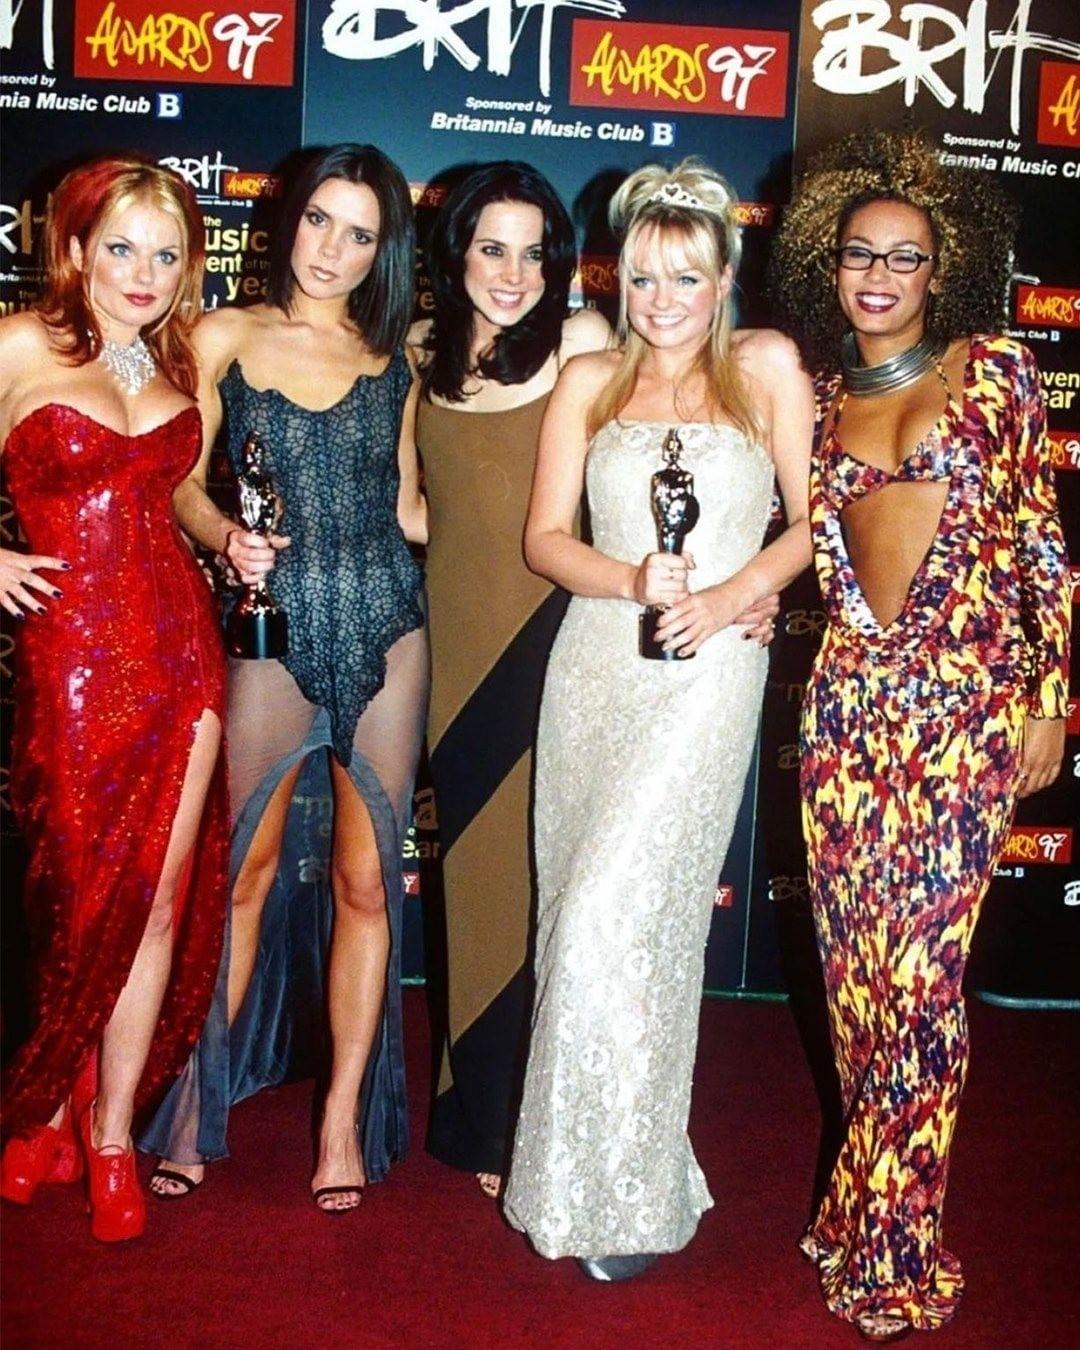 14 лет спустя: Spice Girls воссоединяются и выпустят новую песню в честь 25-летия группы! - фото №1